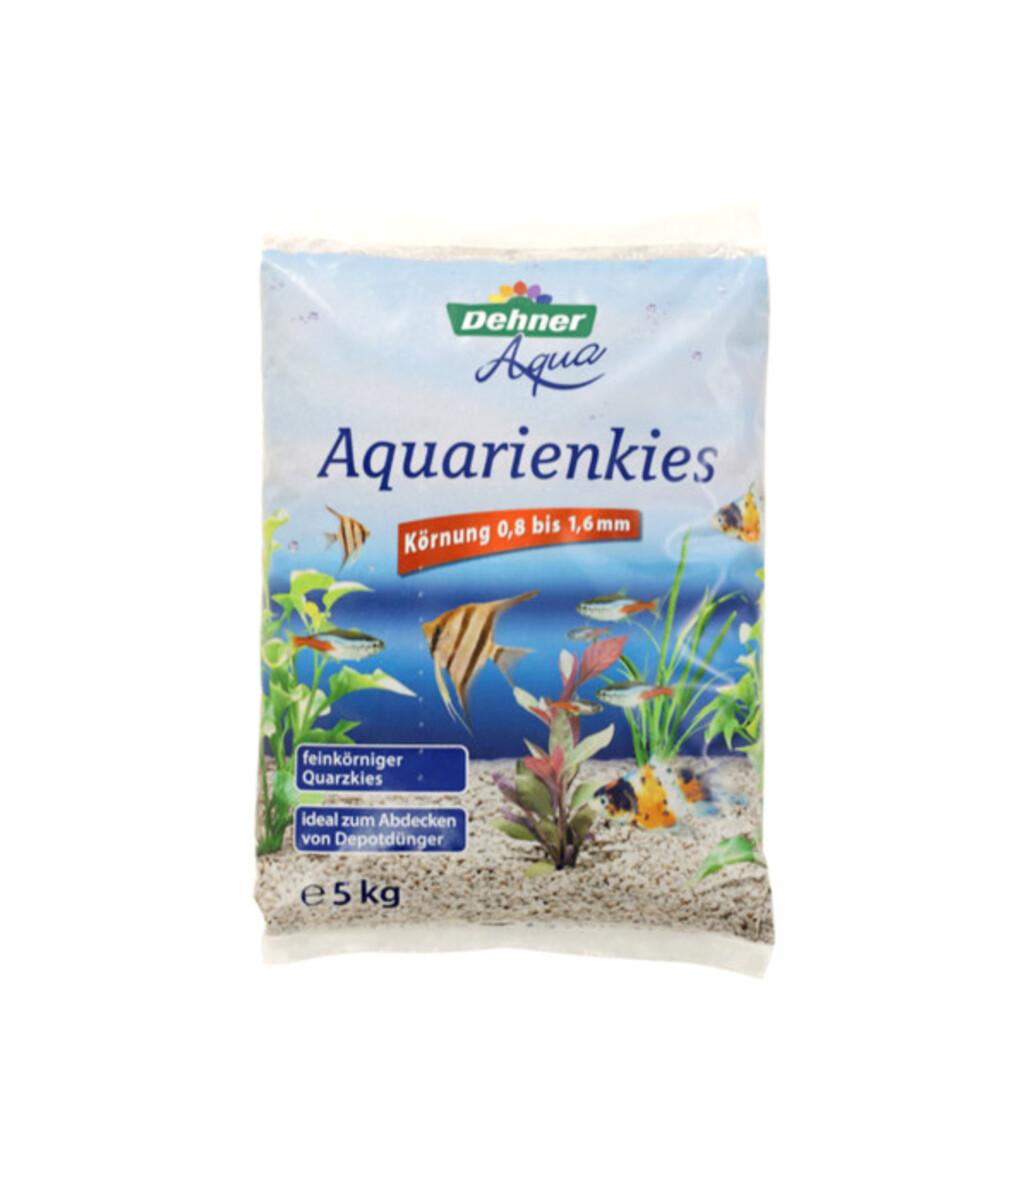 Bild 1 von Dehner Aqua Aquarienkies, 0,8-1,6 mm